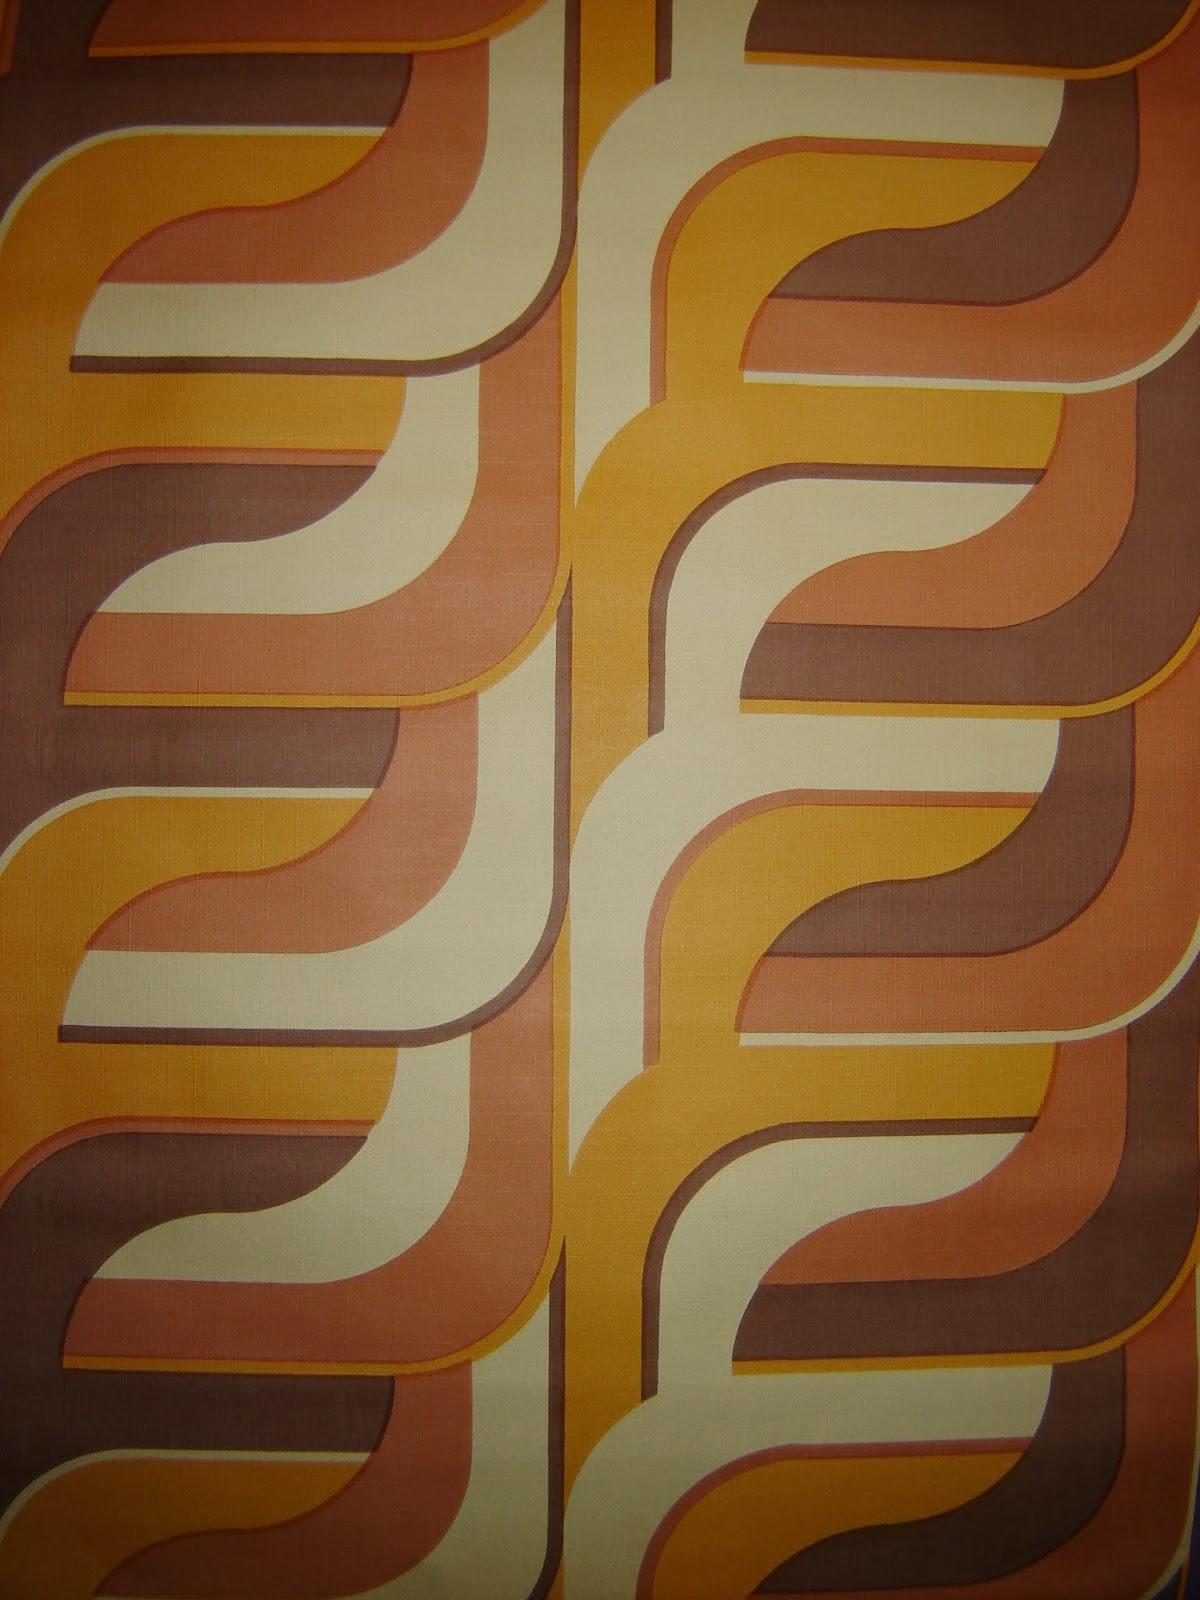 magasins papiers peints vannes valence site pour devis et facture papier peint trompe loeil bureau. Black Bedroom Furniture Sets. Home Design Ideas